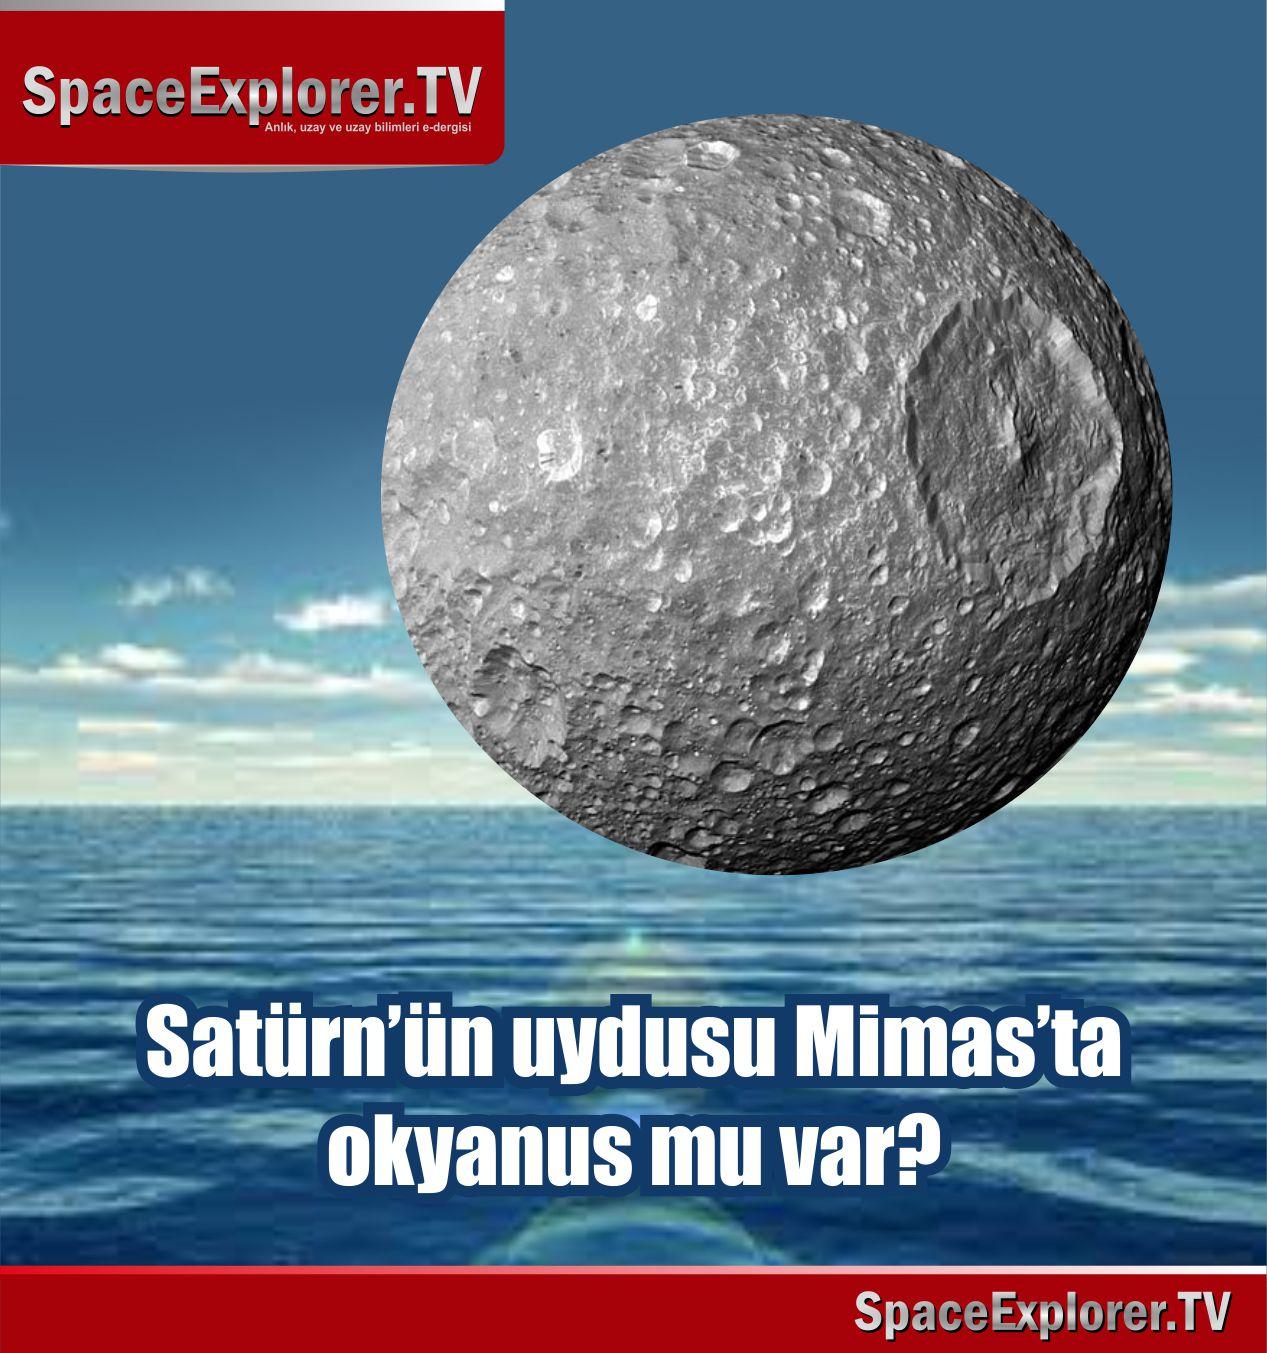 Uzayda hayat var mı?, Satürn, Satürn'ün uyduları, Su bulunan gezegenler, Cassini uzay aracı,